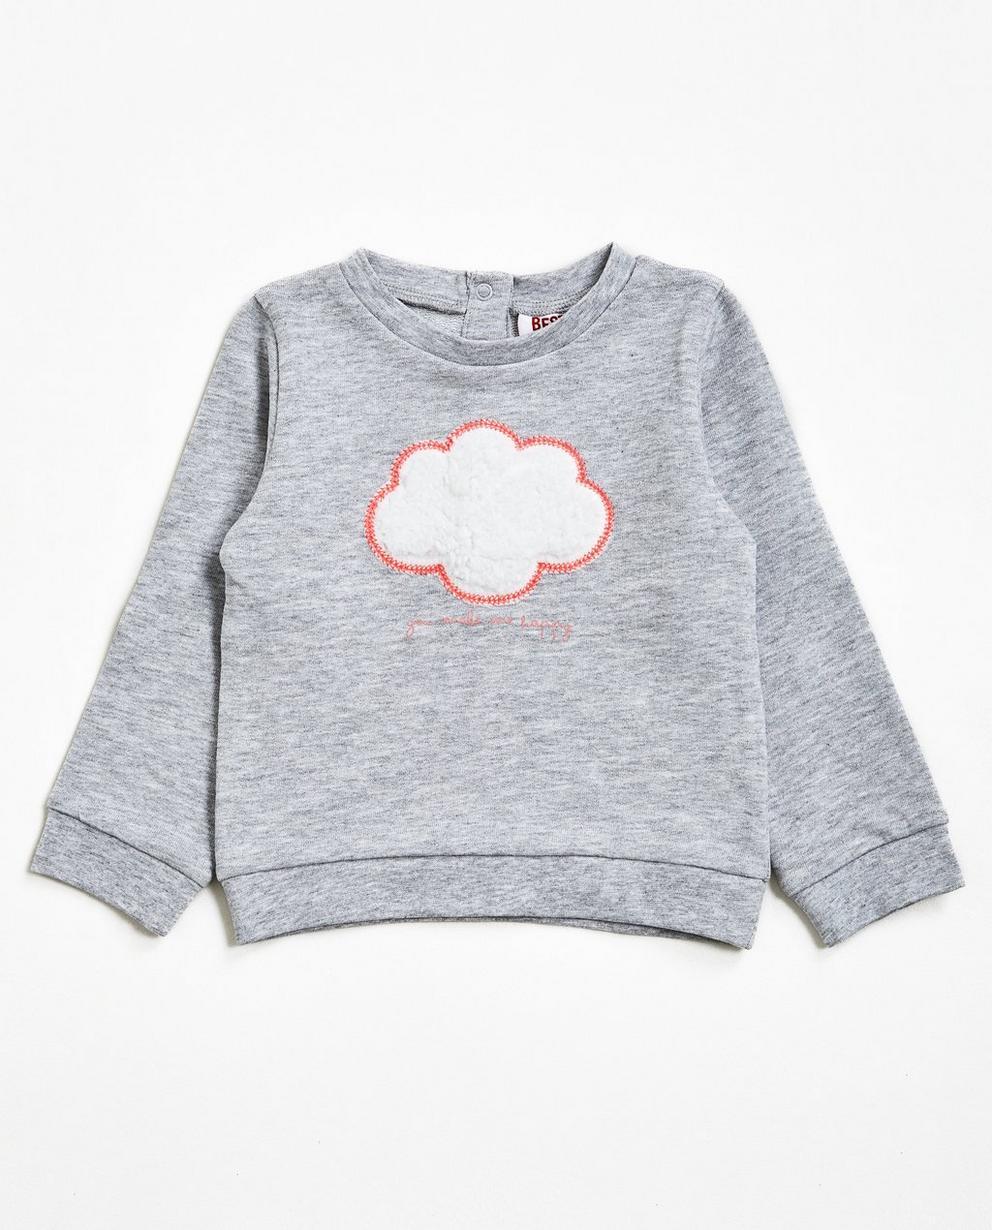 Sweater mit Vorderteil - in Hellgrau - Best price